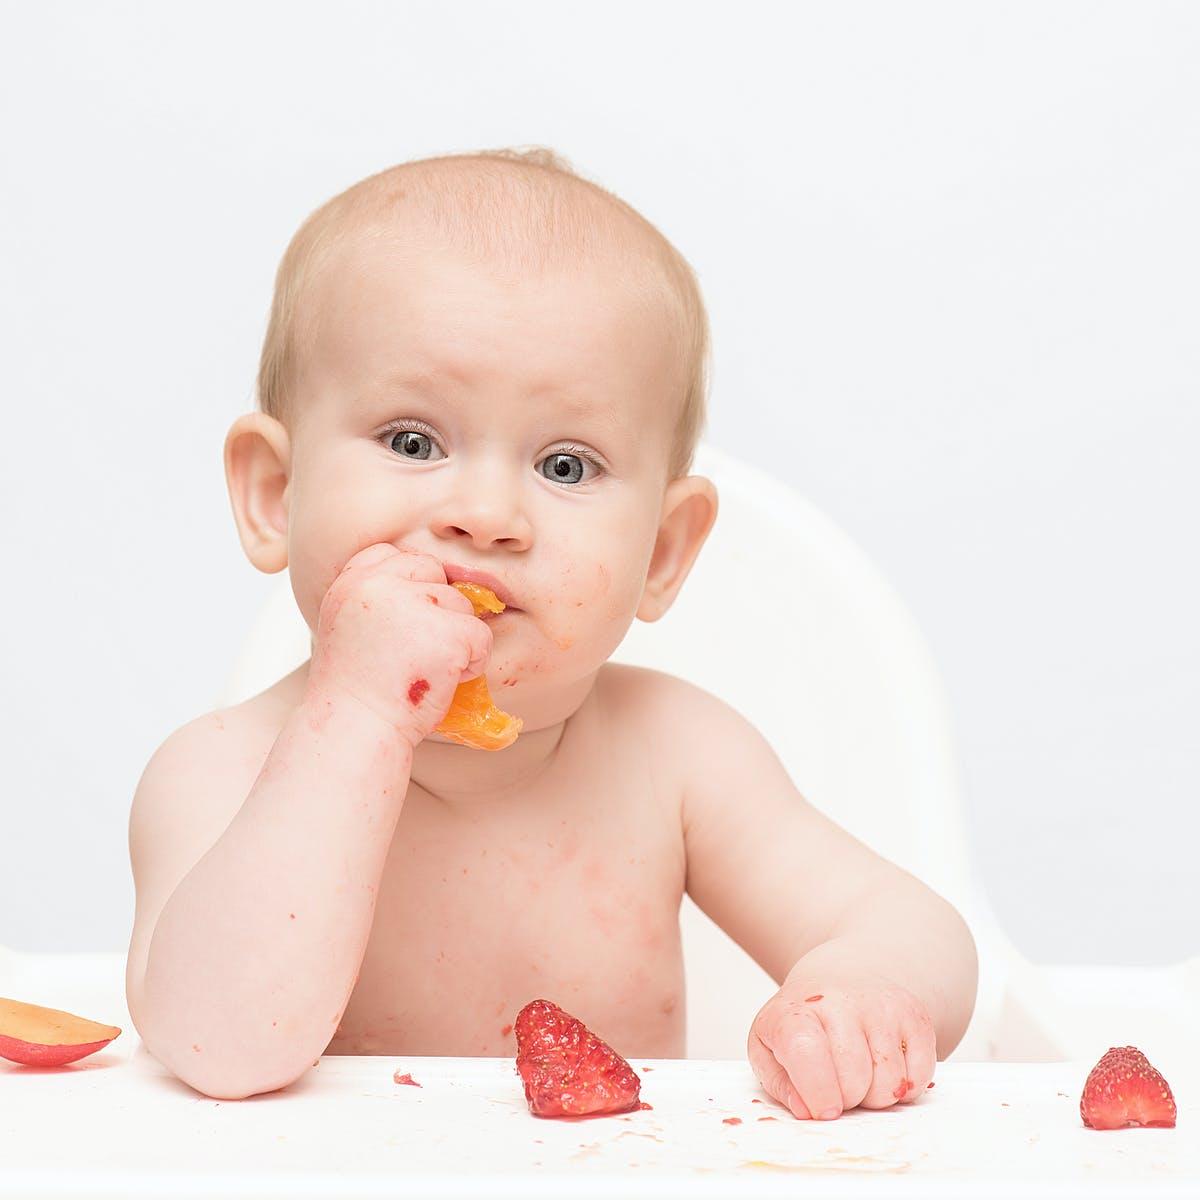 غذای انگشتی برای کودک : ۱۲ غذا از بهترین غذاهای انگشتی